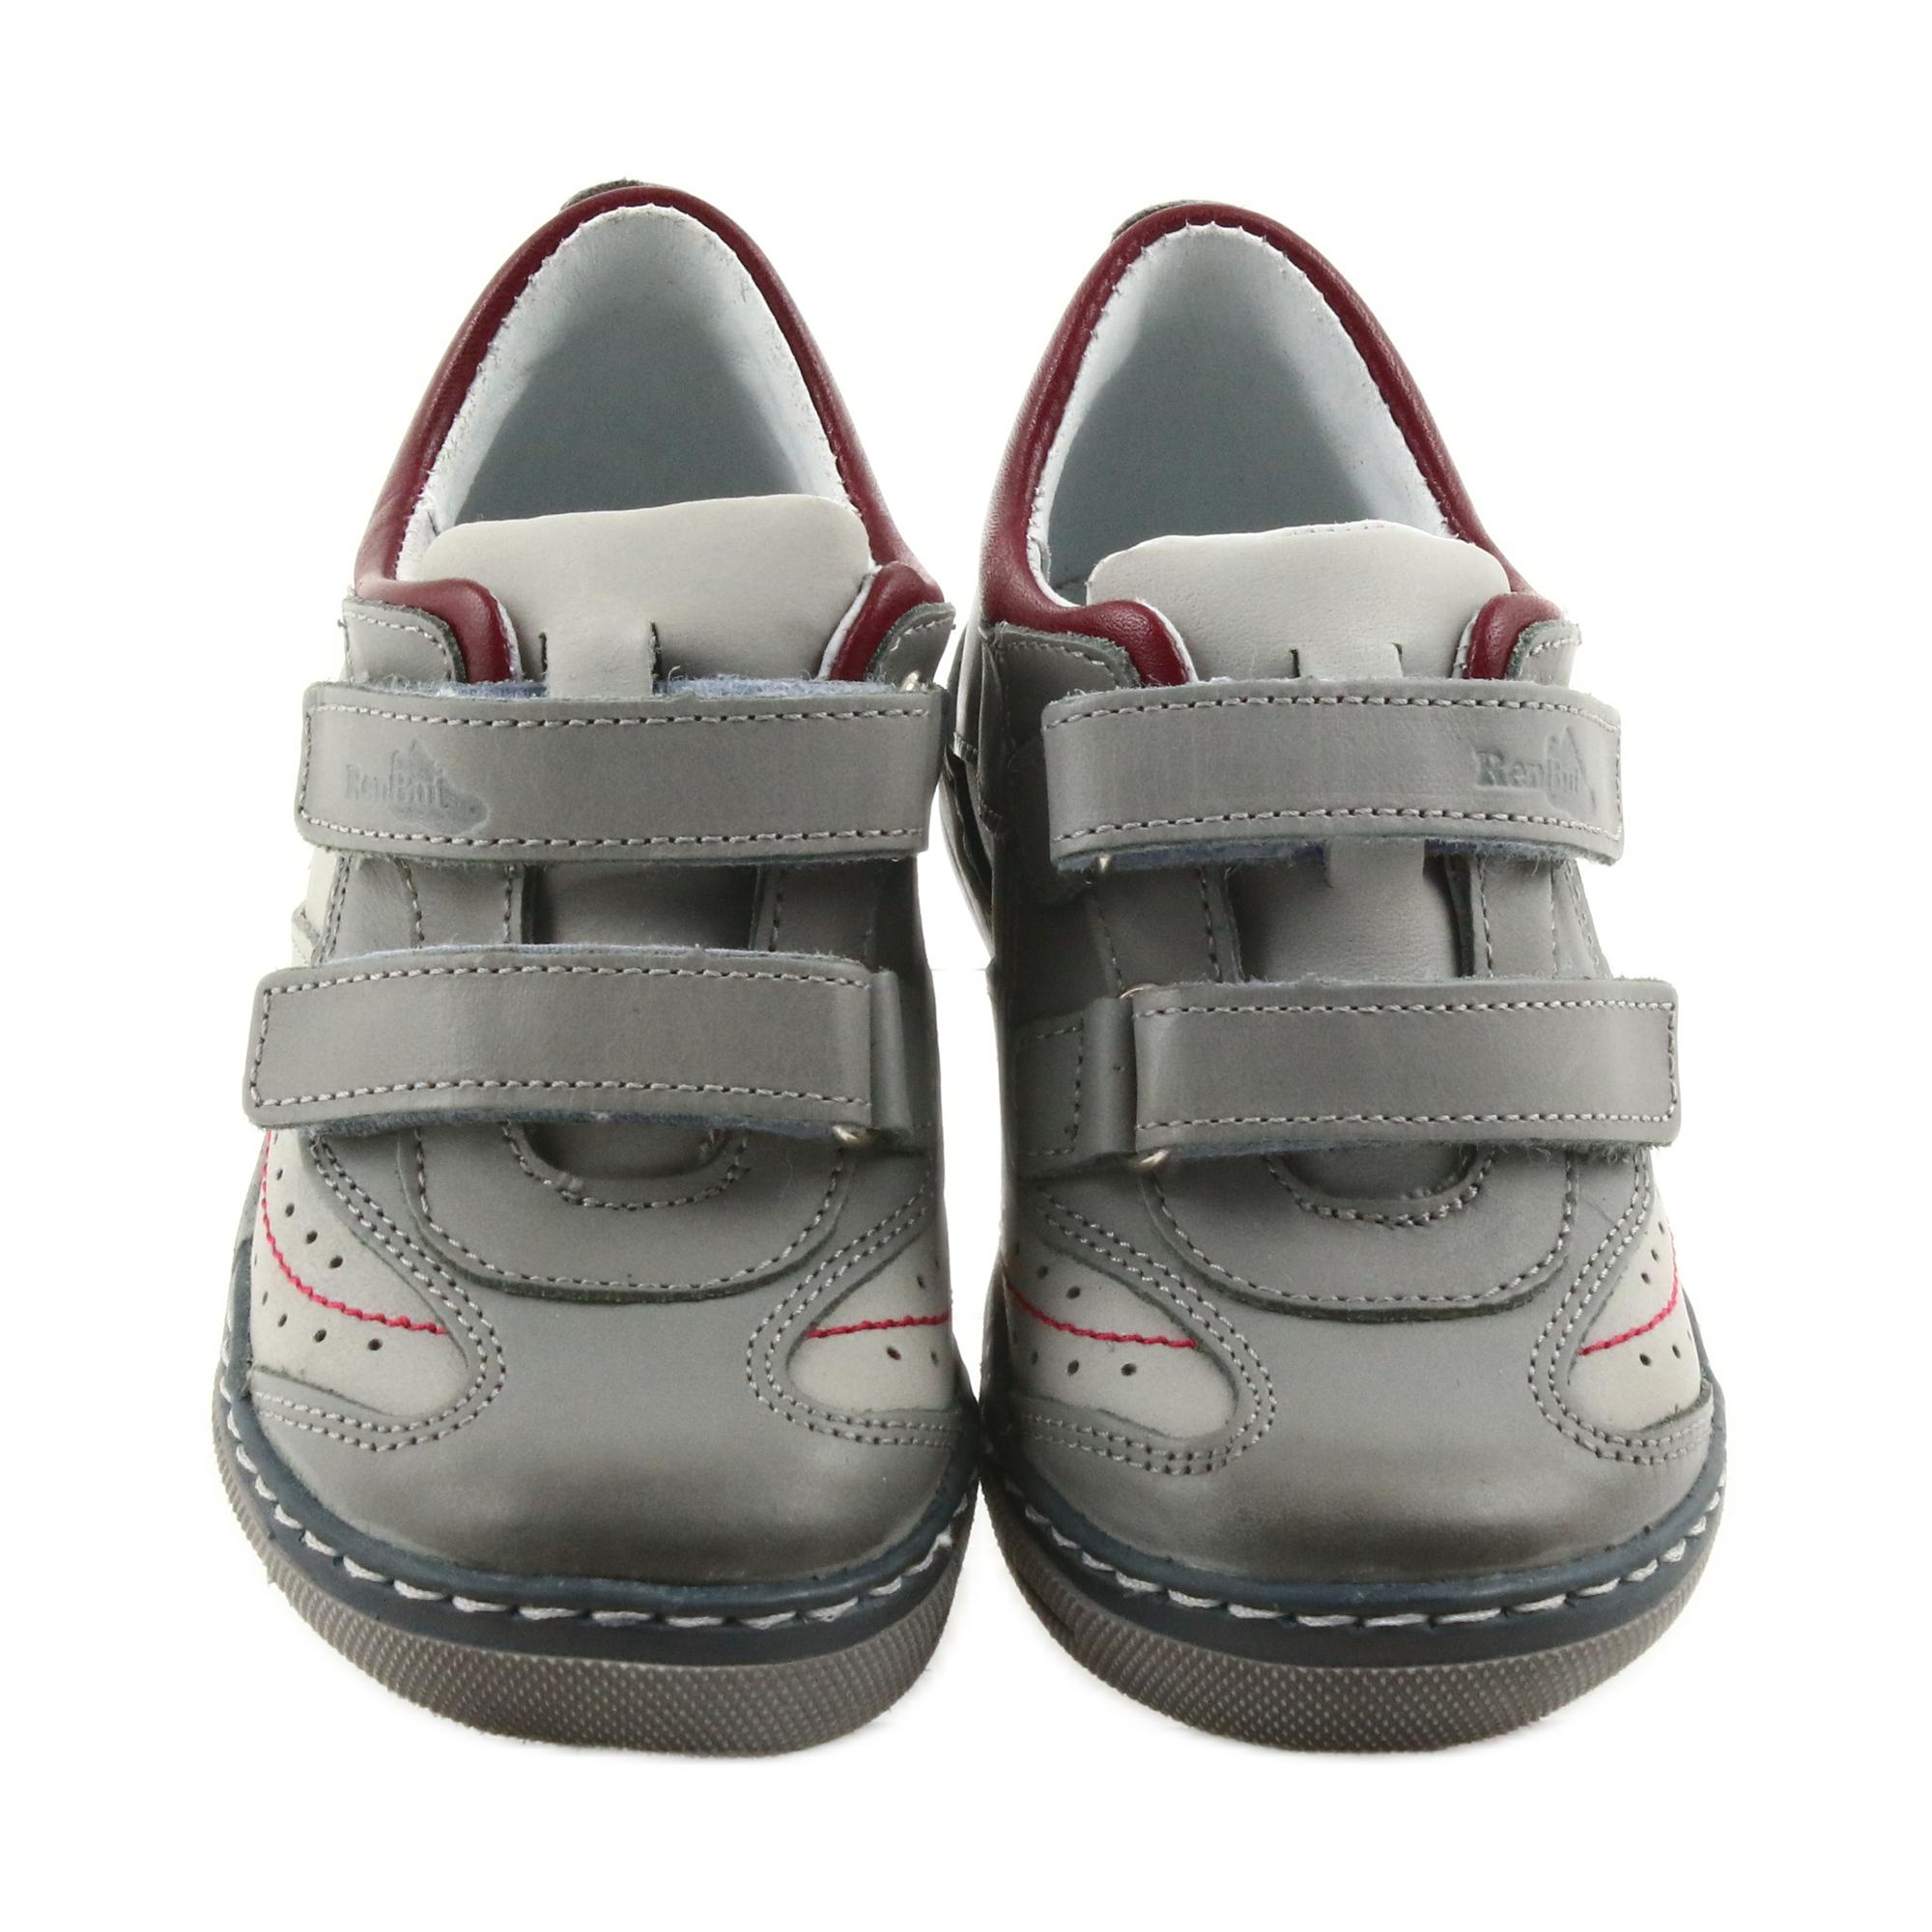 3dbe327c8 Ren But Grå sko, støvler med velcro Ren Men 3047